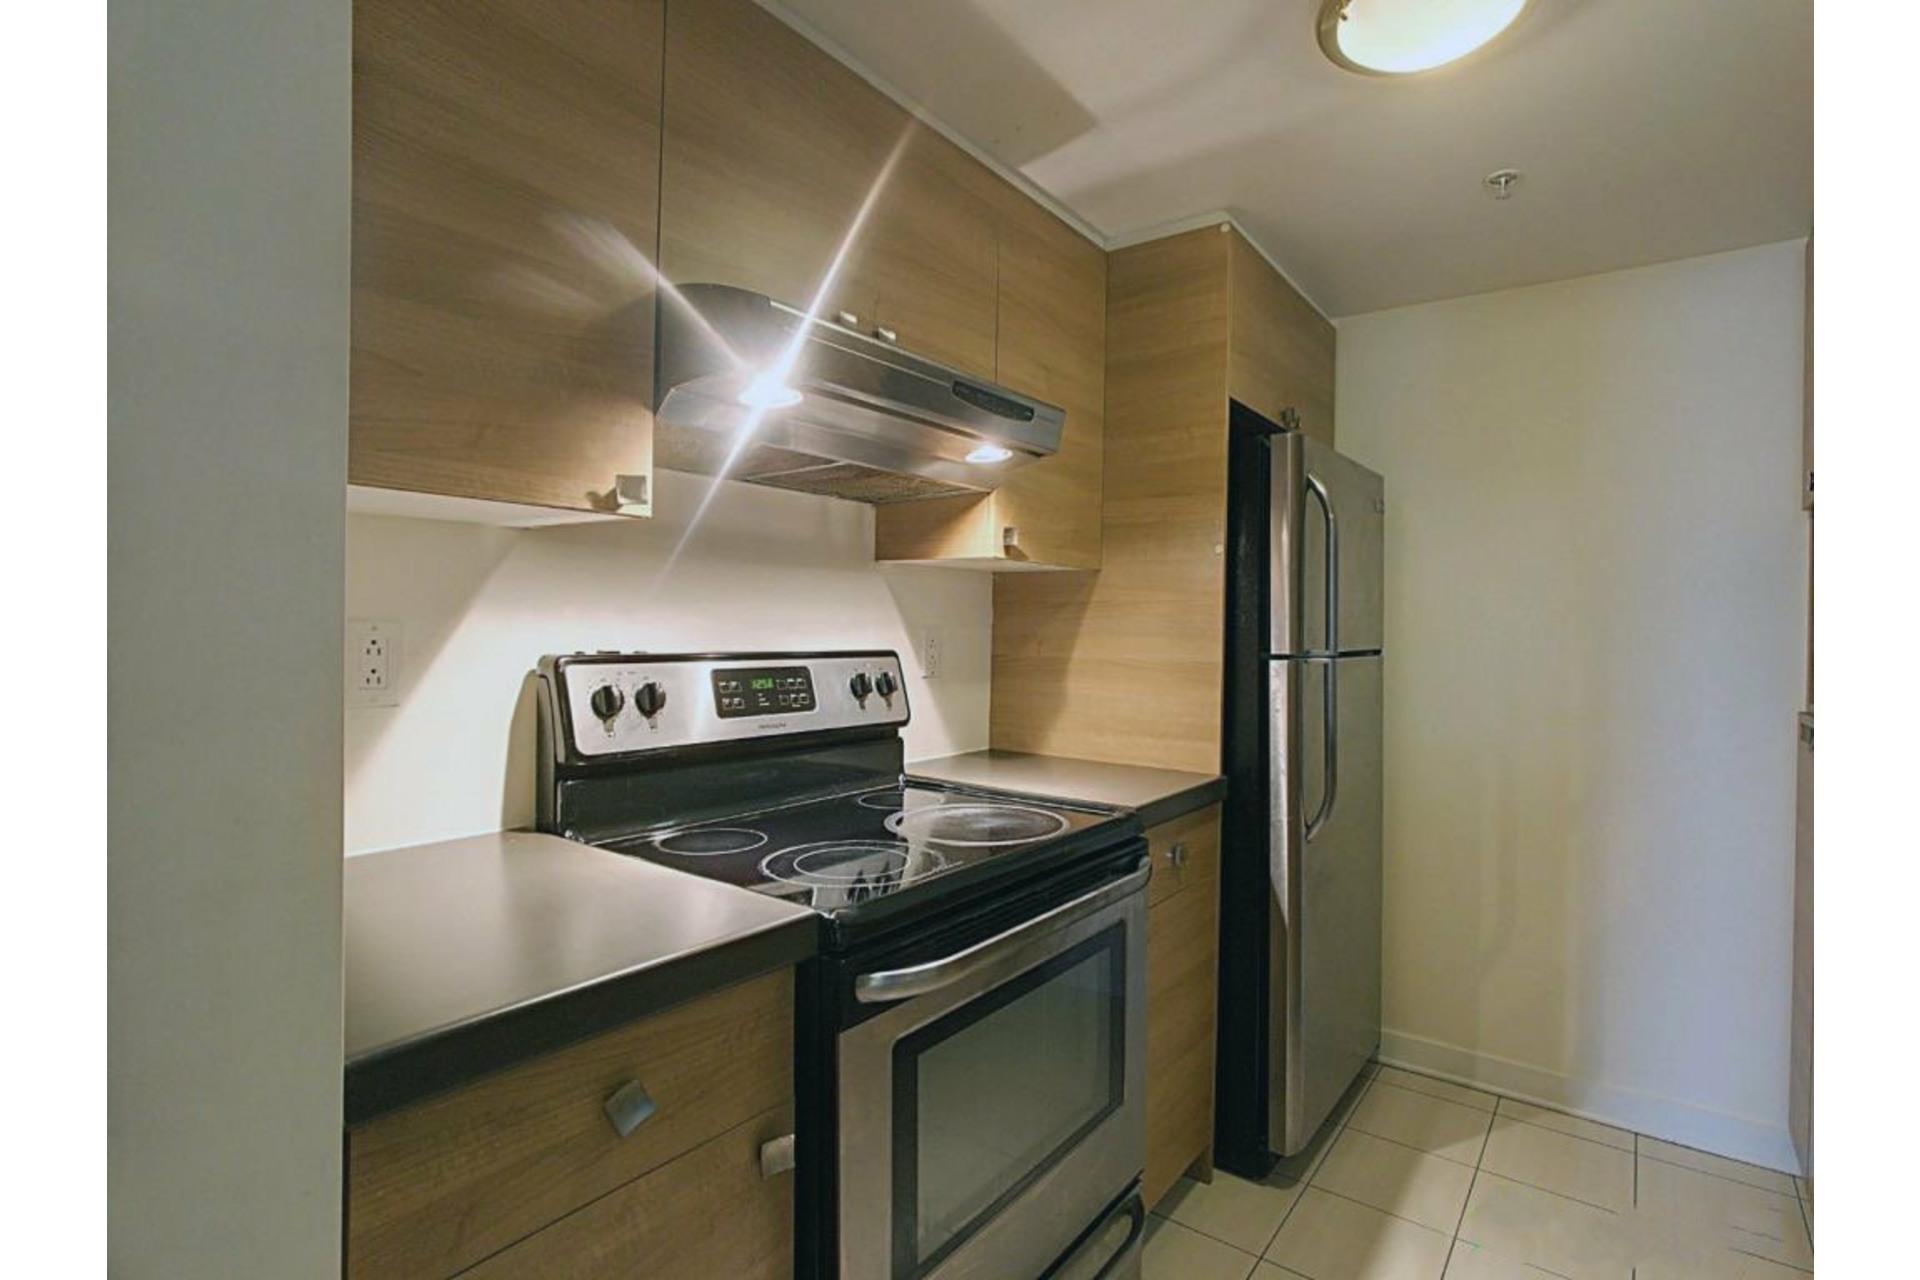 image 10 - Apartment For sale Ahuntsic-Cartierville Montréal  - 6 rooms